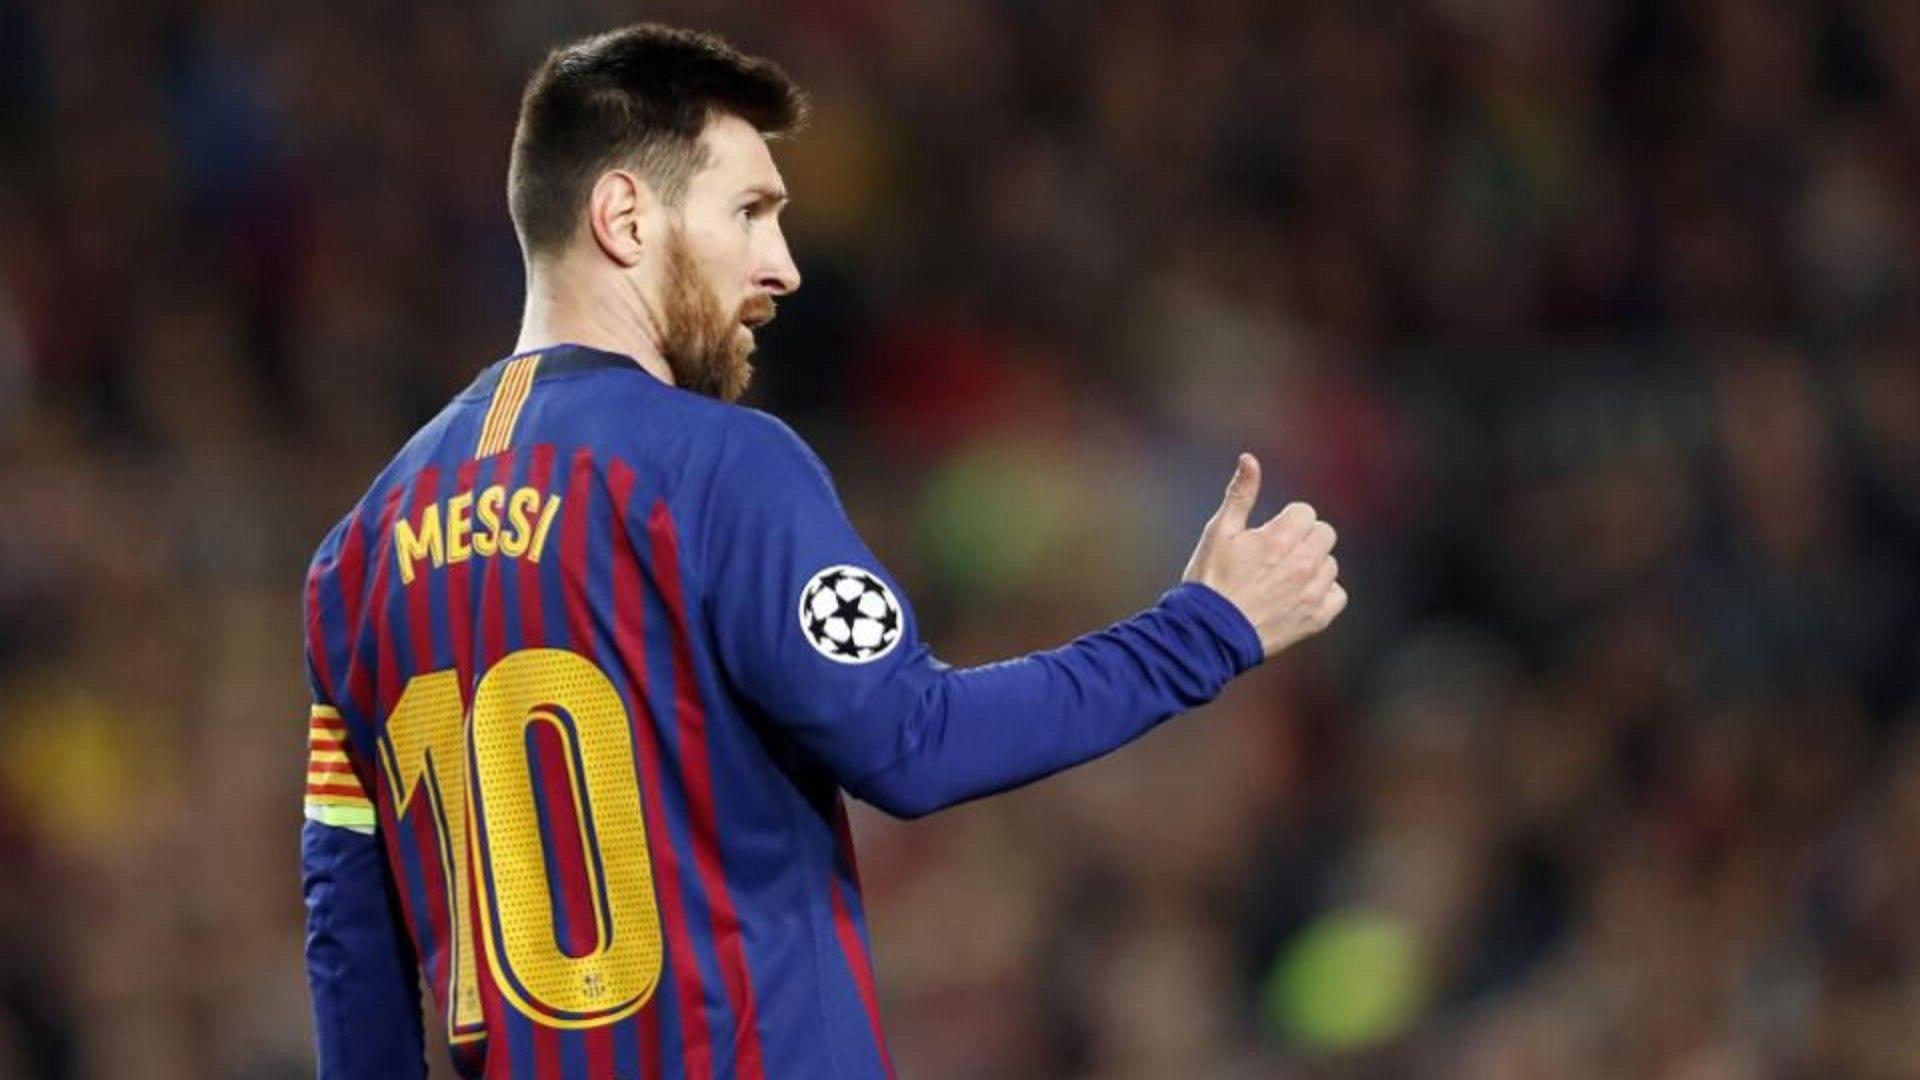 Messi está no Barcelona desde 2000, onde chegou com 13 anos